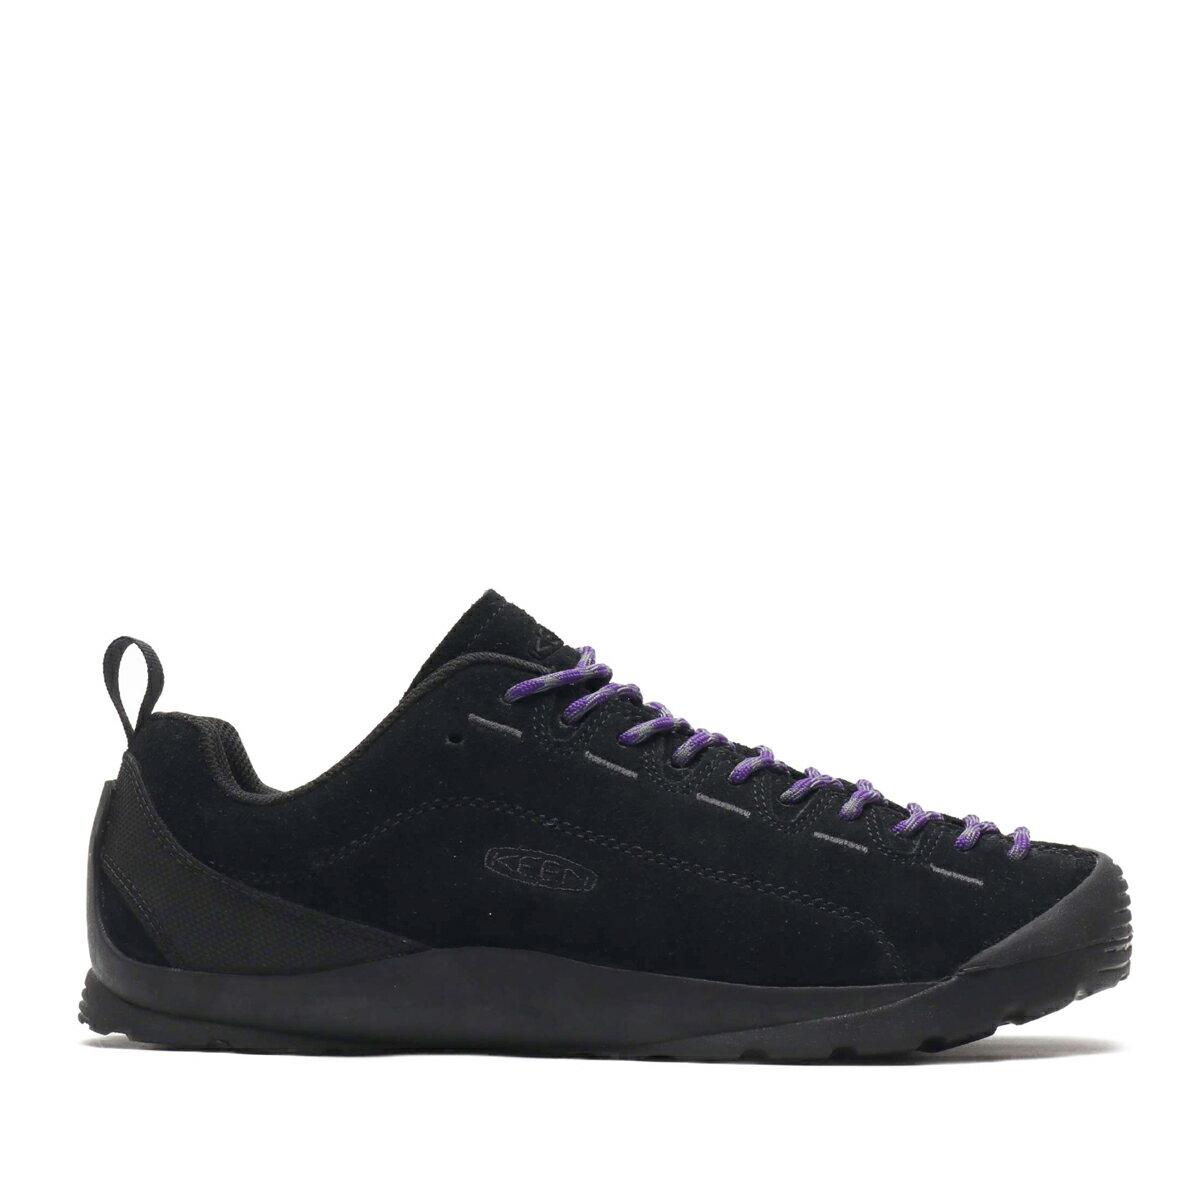 メンズ靴, スニーカー KEEN JASPER M(BLACKBLACK)( M)18FW-I